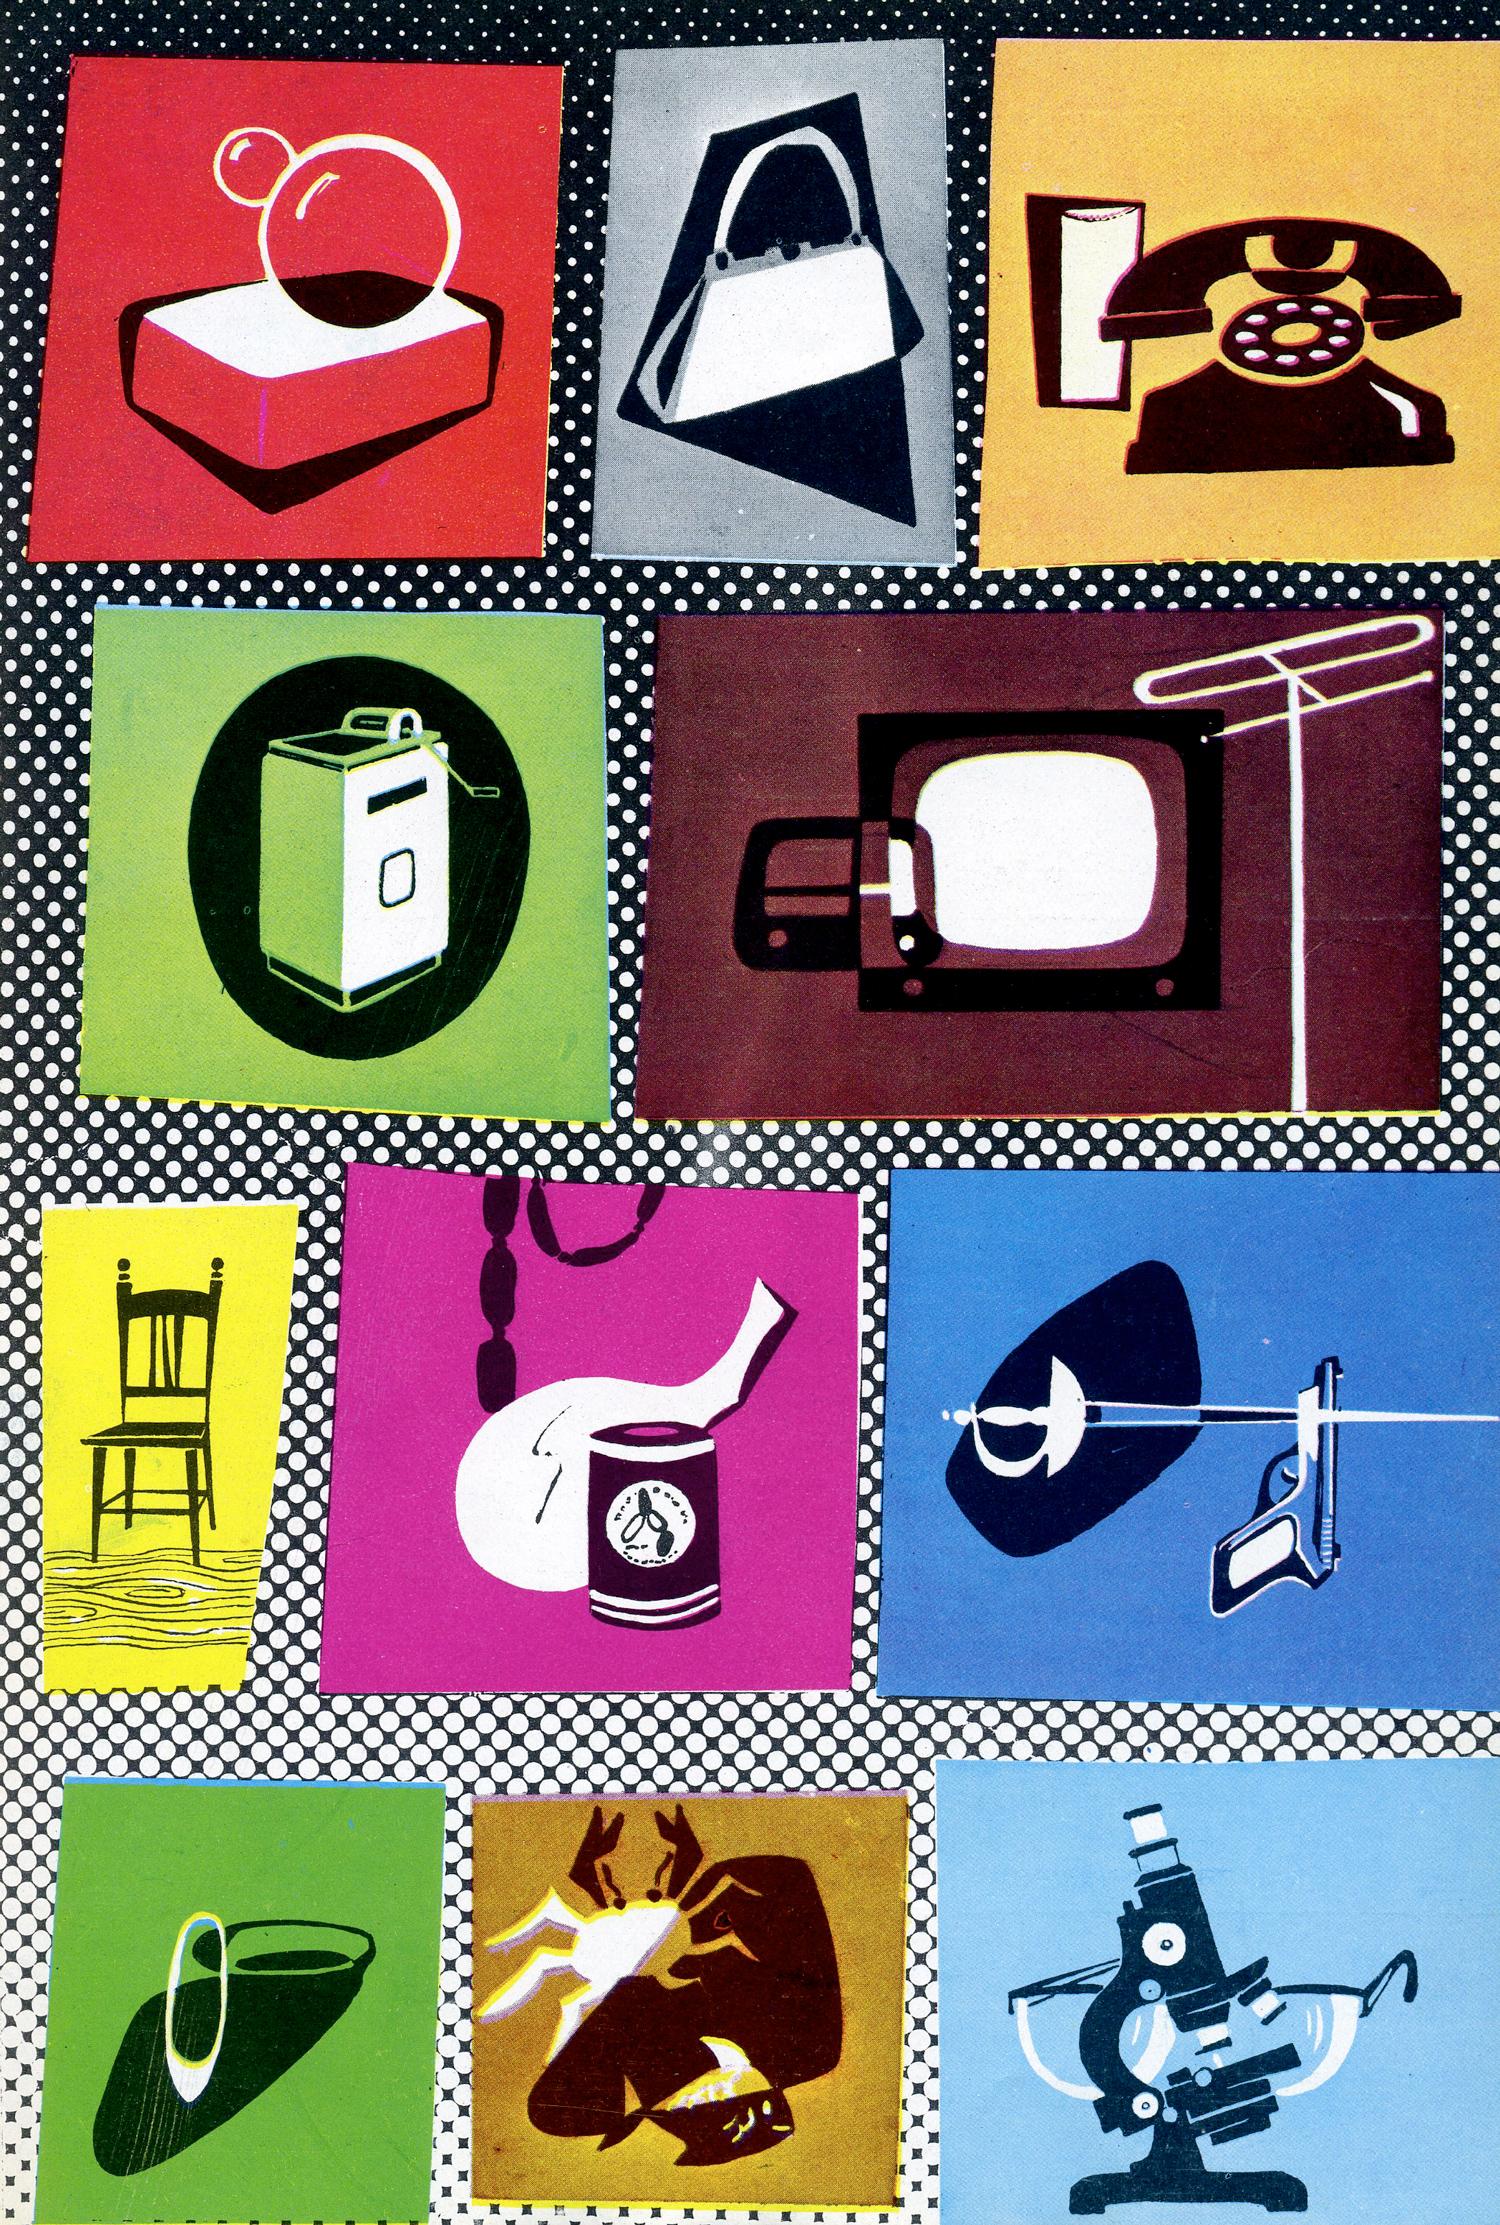 consumo-espagna1959-BEE005